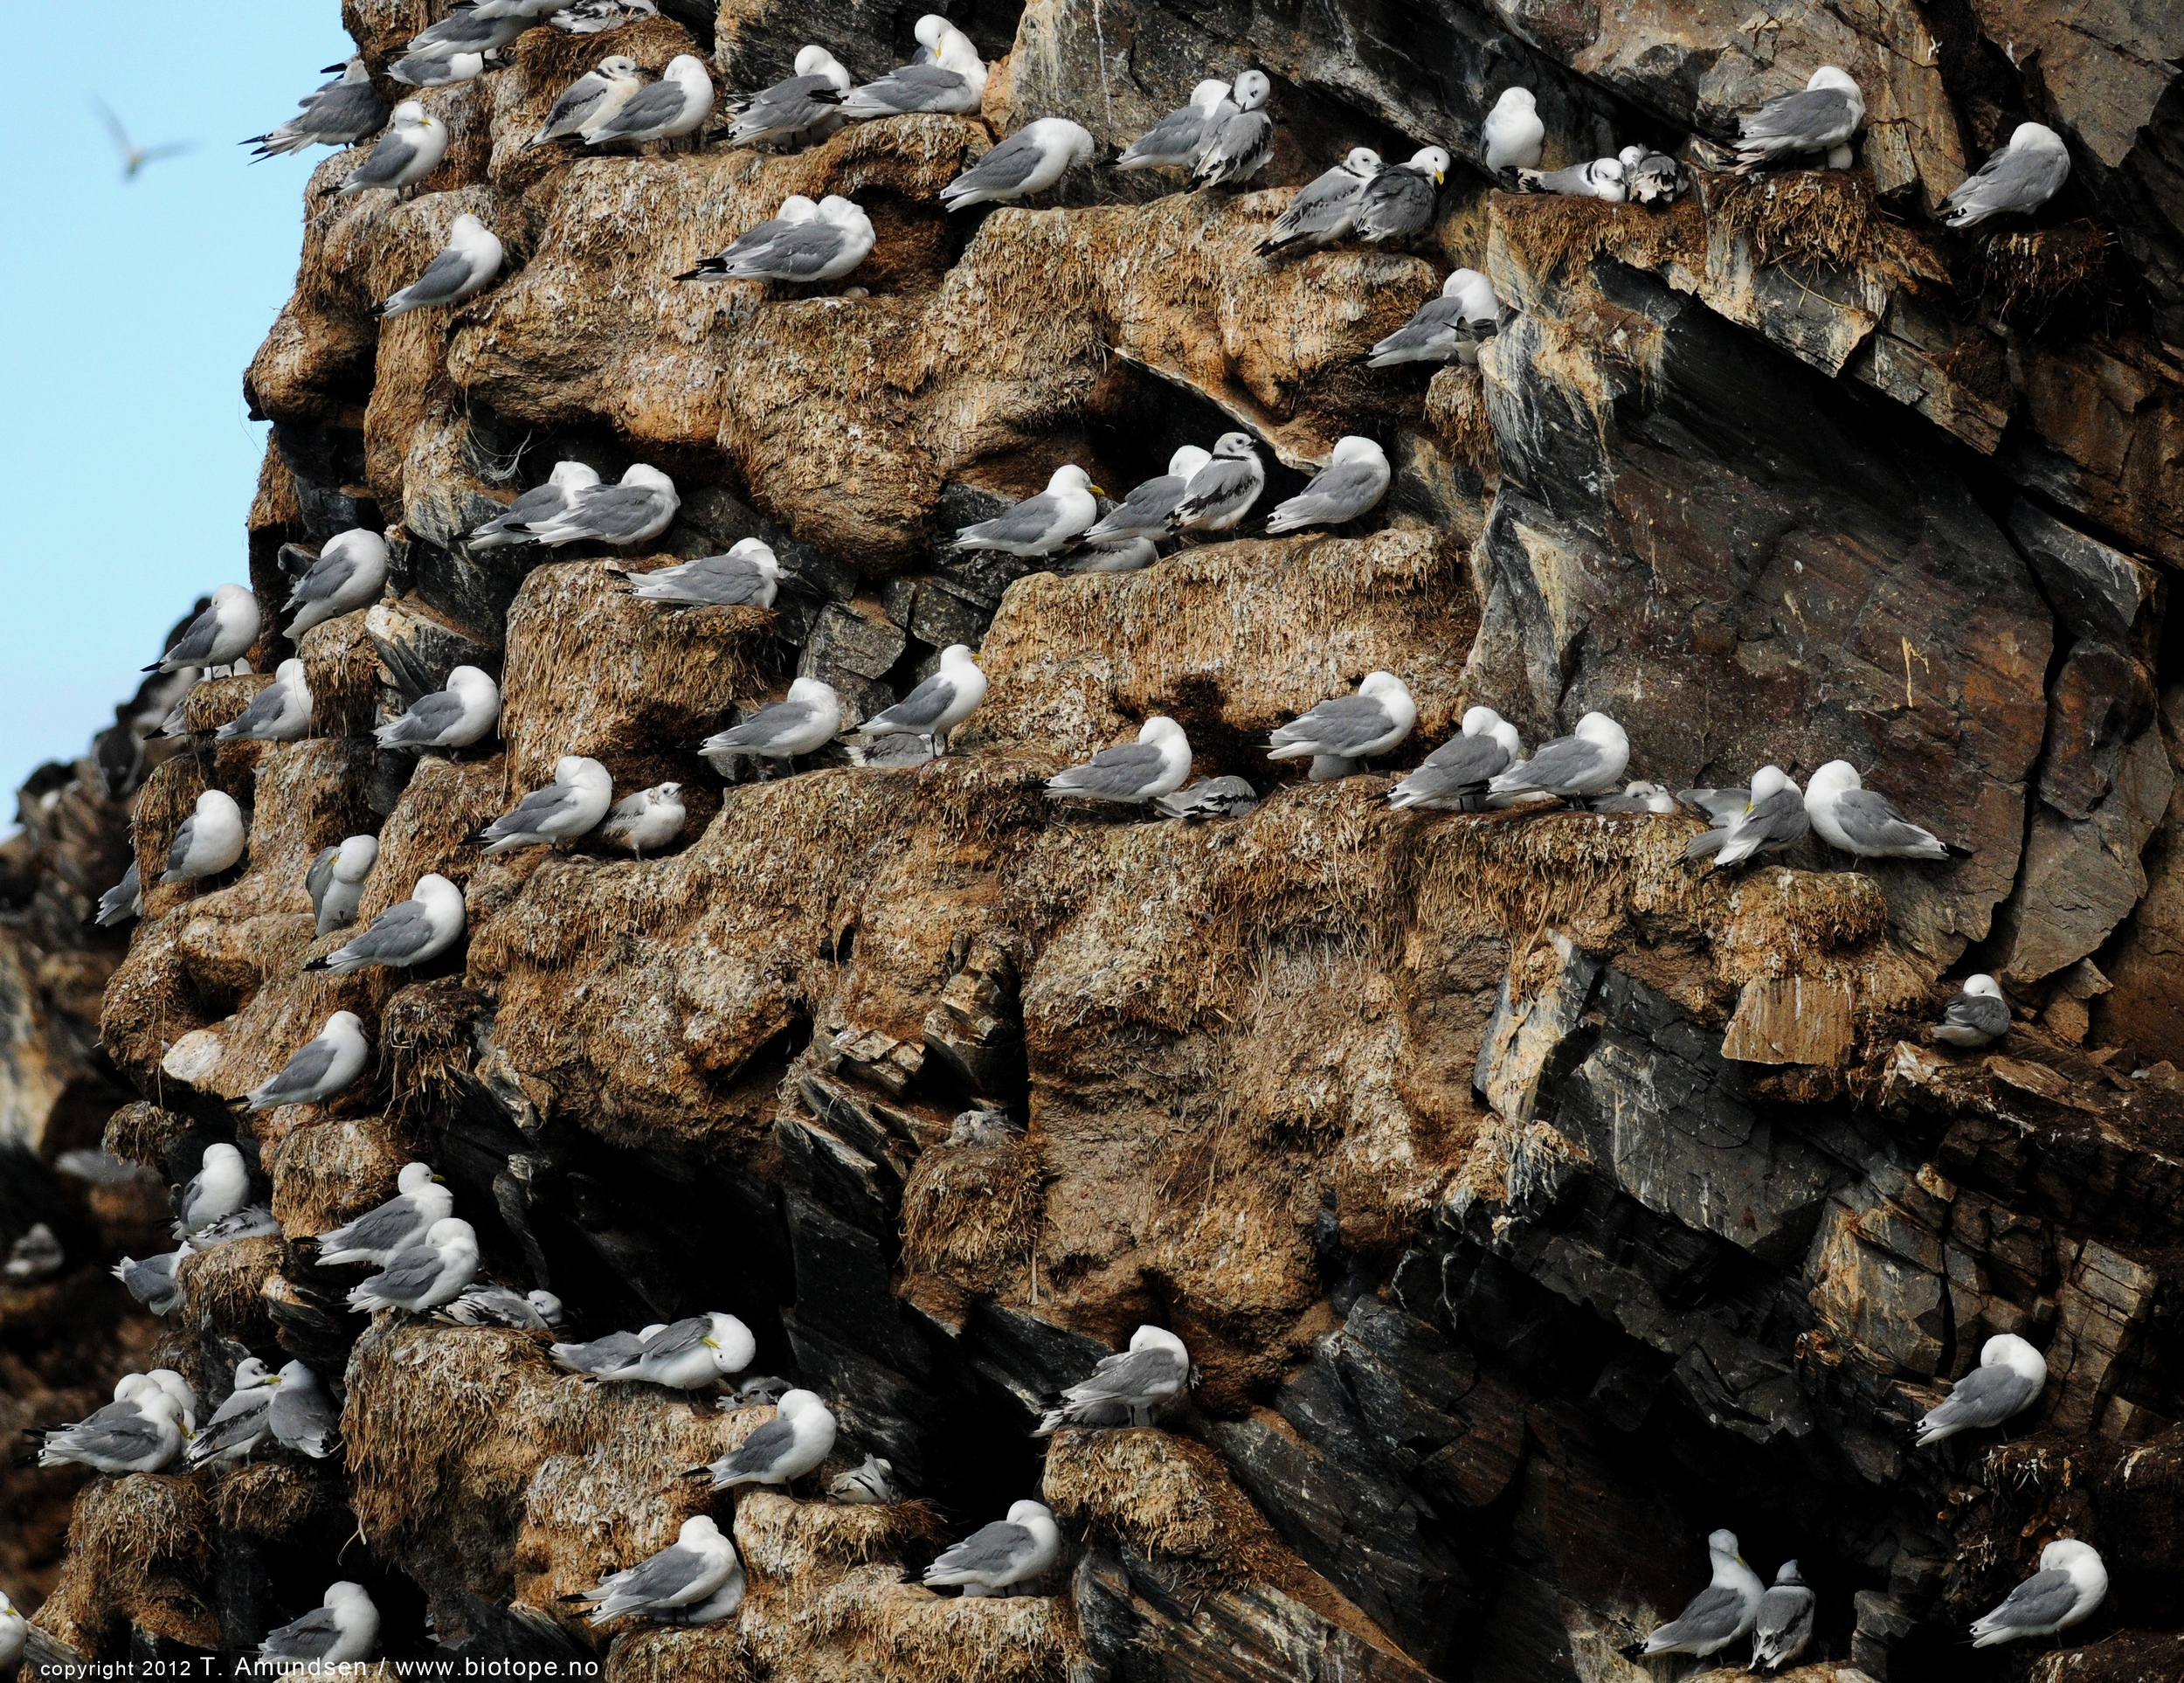 Kittiwake colony Hornoya bird cliff july 2012 Biotope.jpg